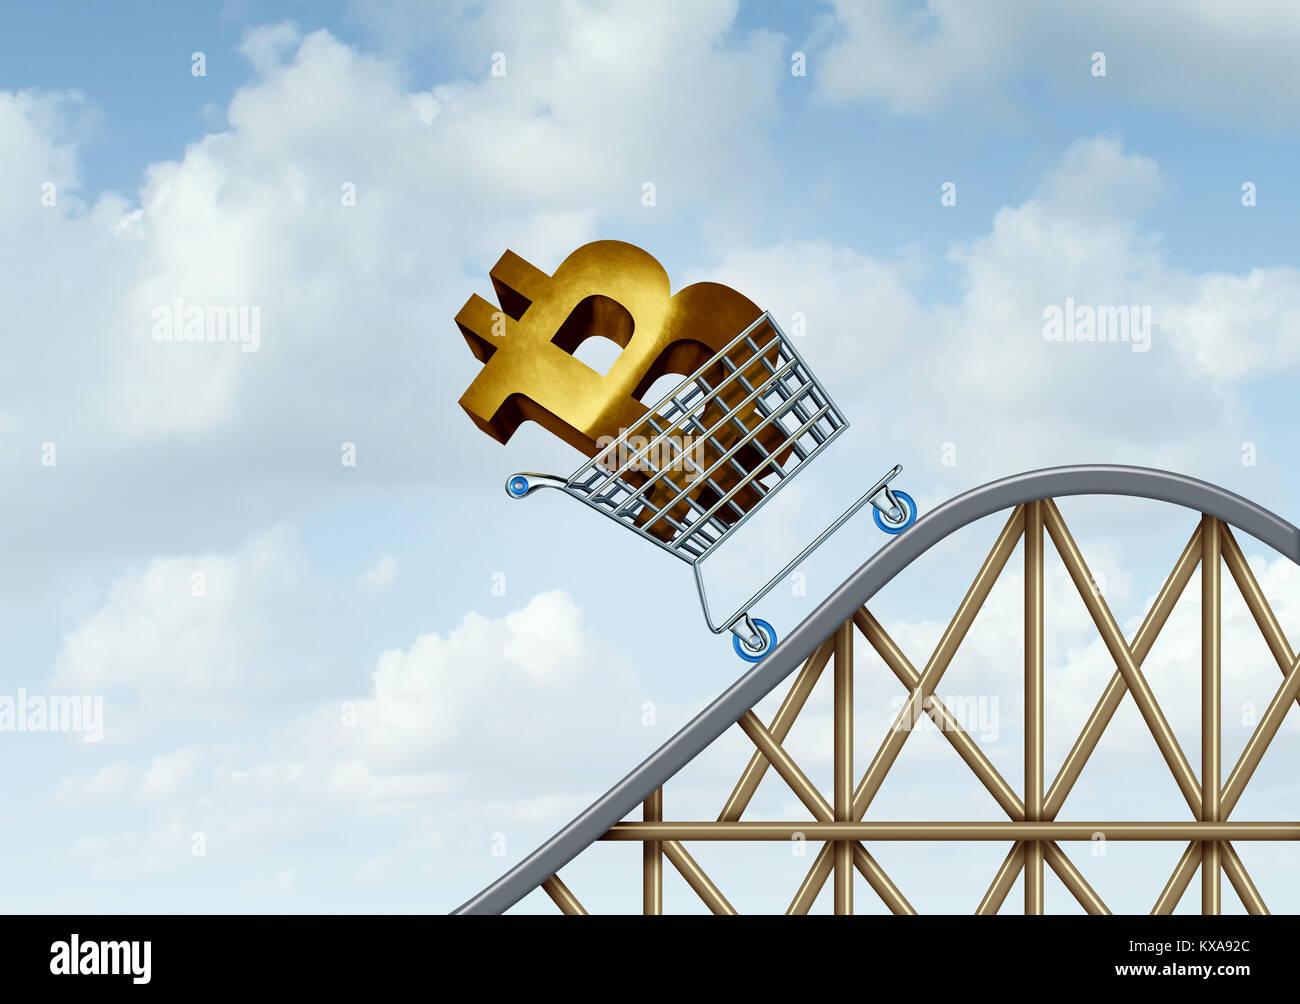 Bitcoin rise e cryptocurrency incertezza e digital crypto moneta come financial roller coaster ride simboli come Immagini Stock